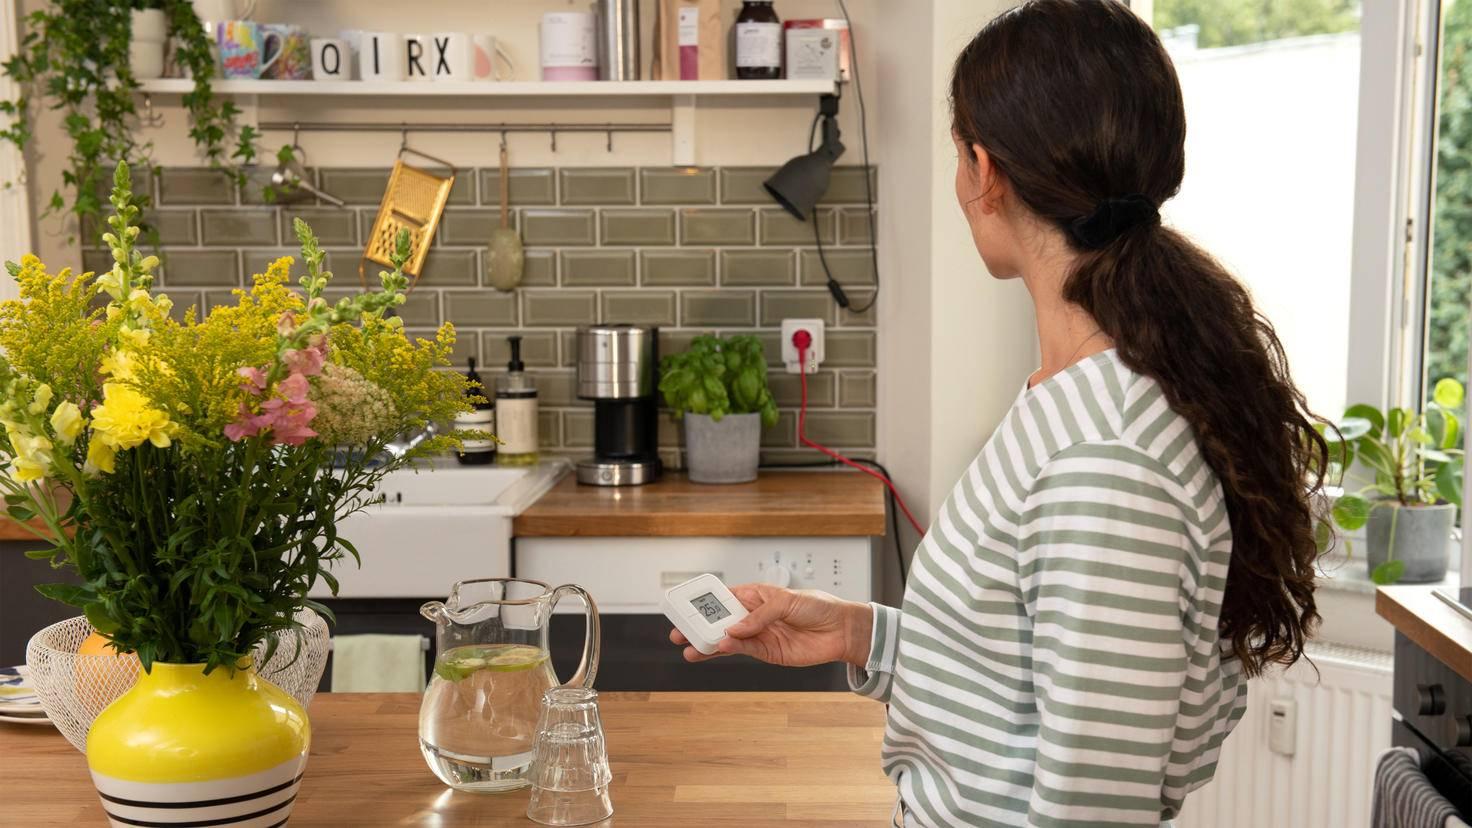 Mit dem Heimnetz verbundene Steckdosen lassen sich mit der Fernbedienung einfach steuern.